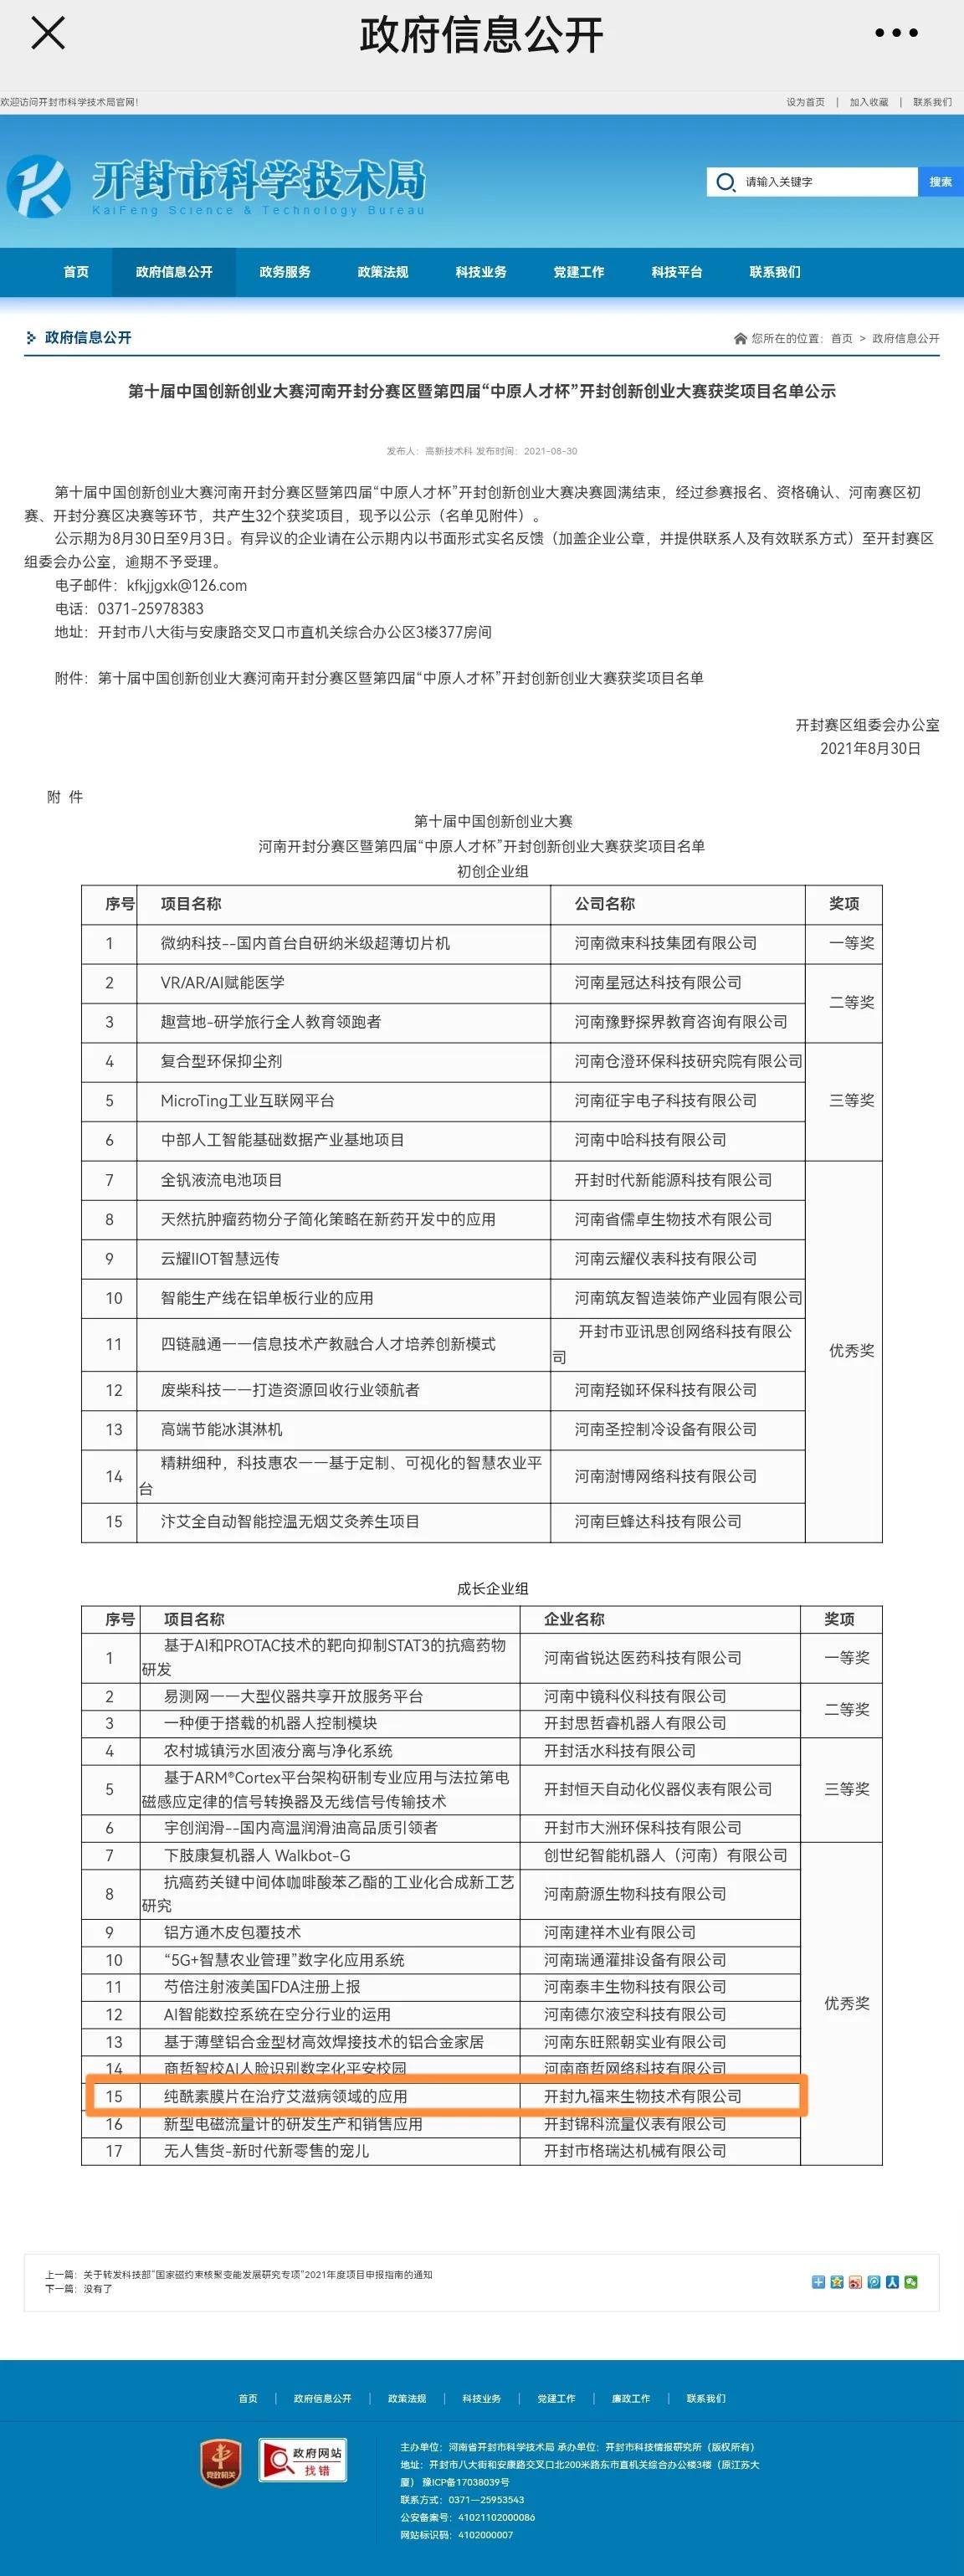 九福来荣获第十届中国创新创业大赛成长企业组优秀奖